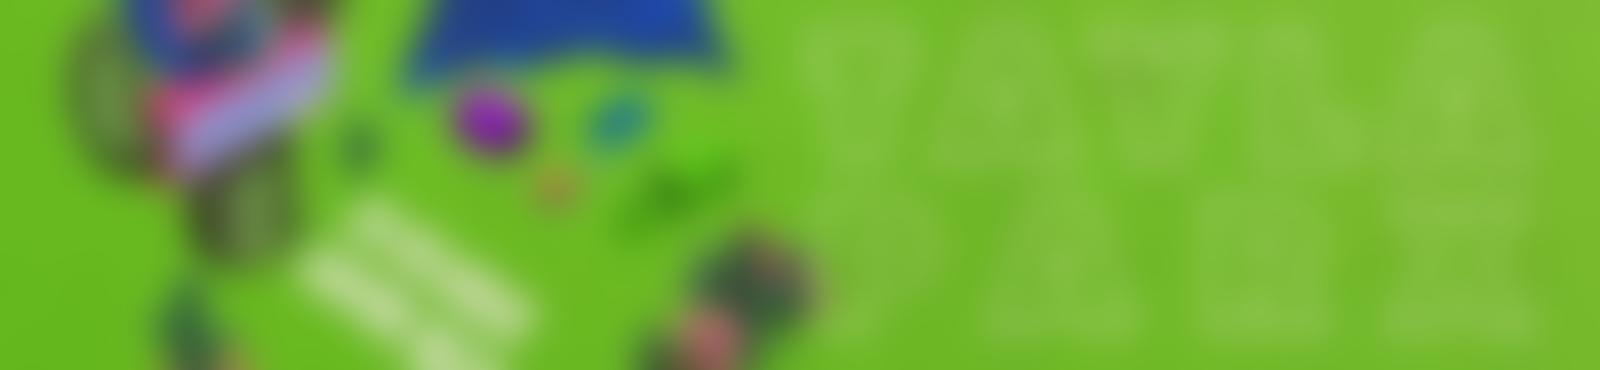 Blurred a13944cc 9201 4c40 ac91 272741b29904